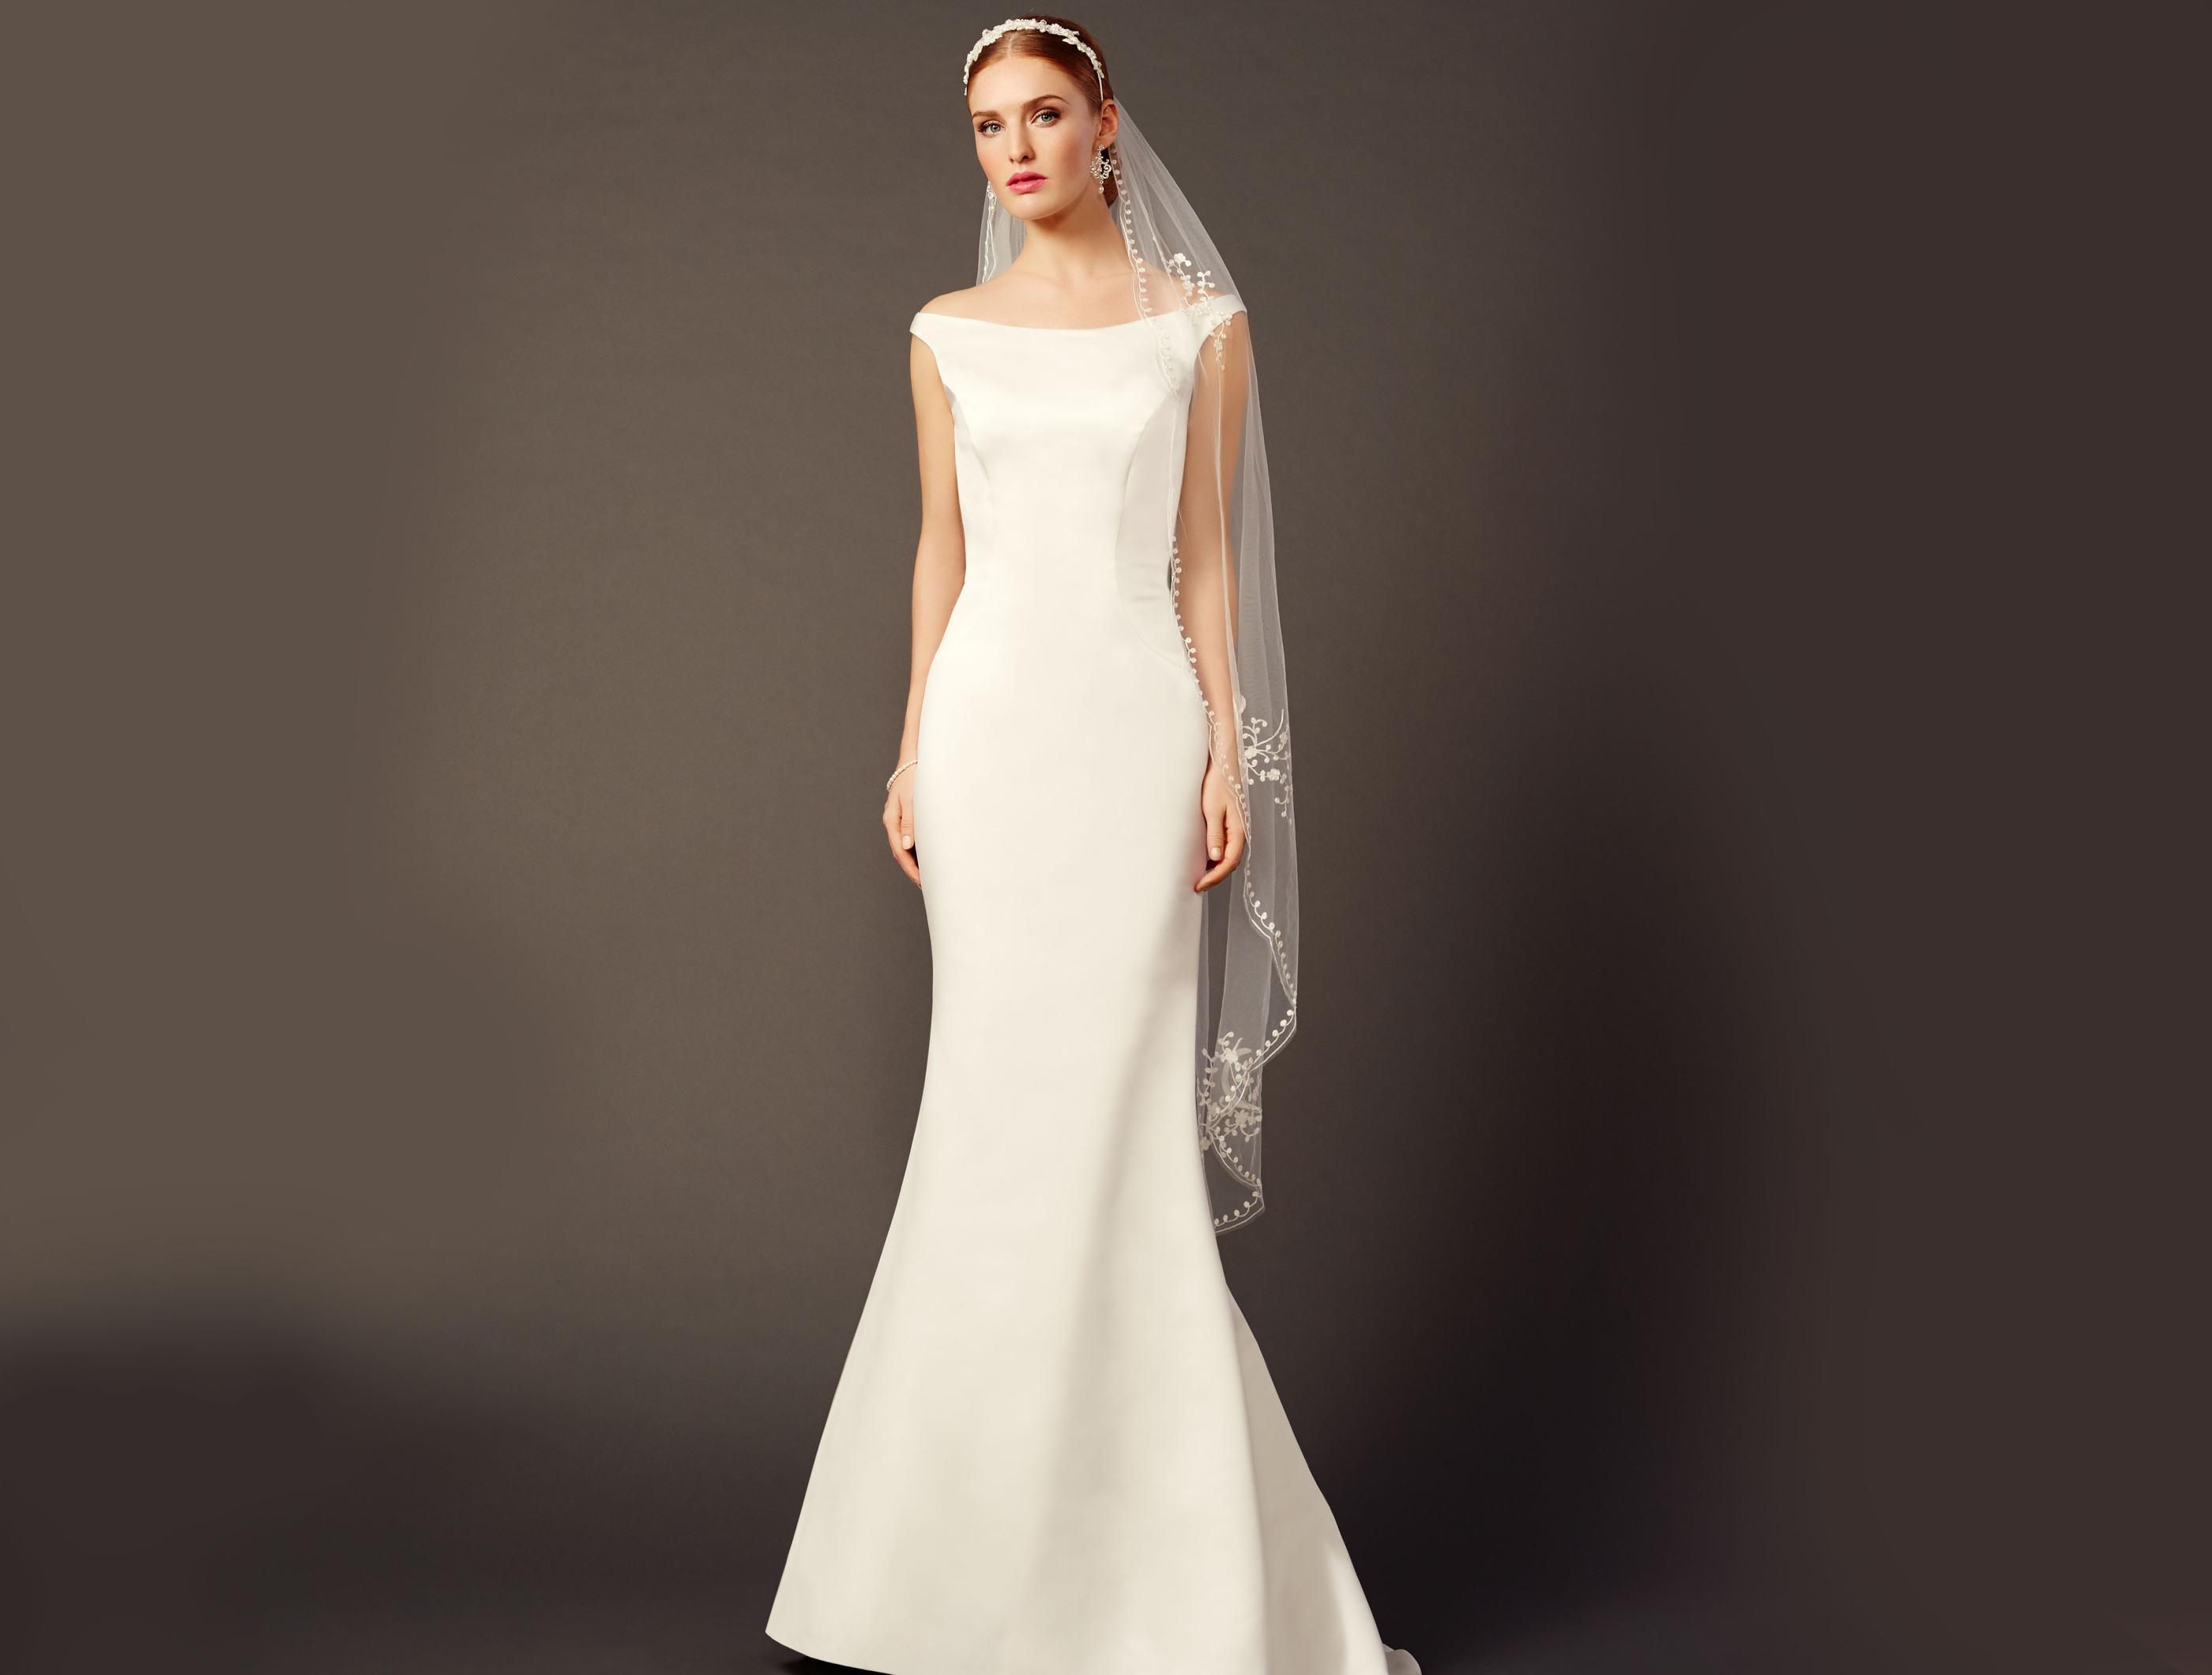 Purewhite by LILLY - Brautkleider und Hochzeitskleider in klaren ...